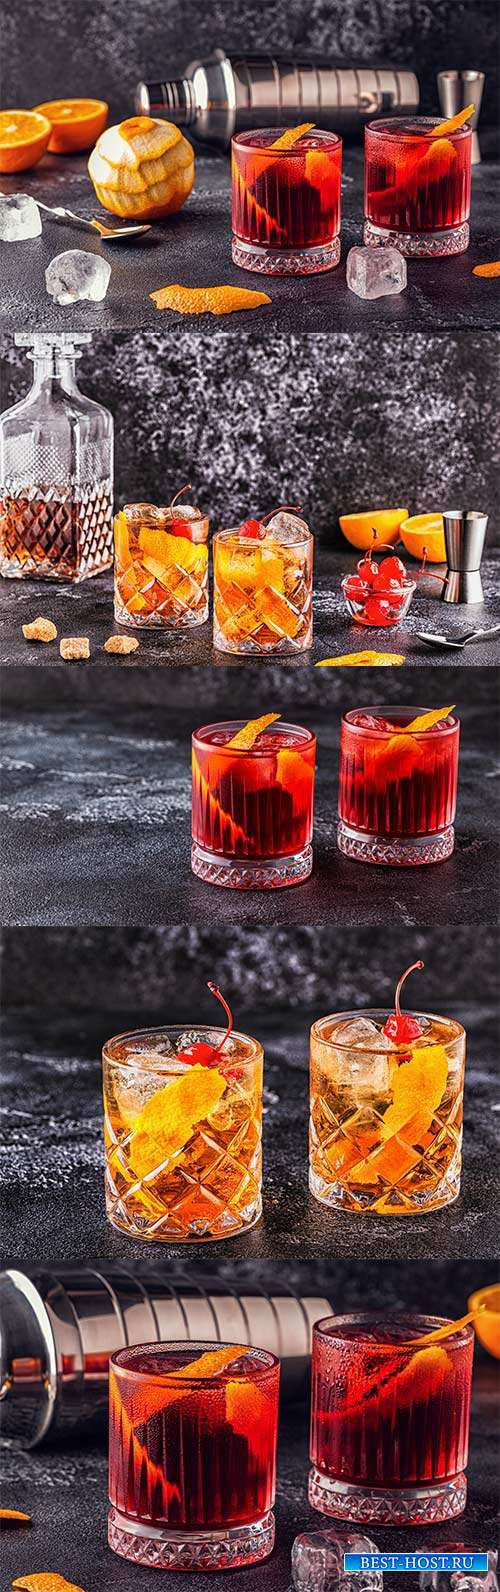 Освежающий коктейль - Растровый клипарт